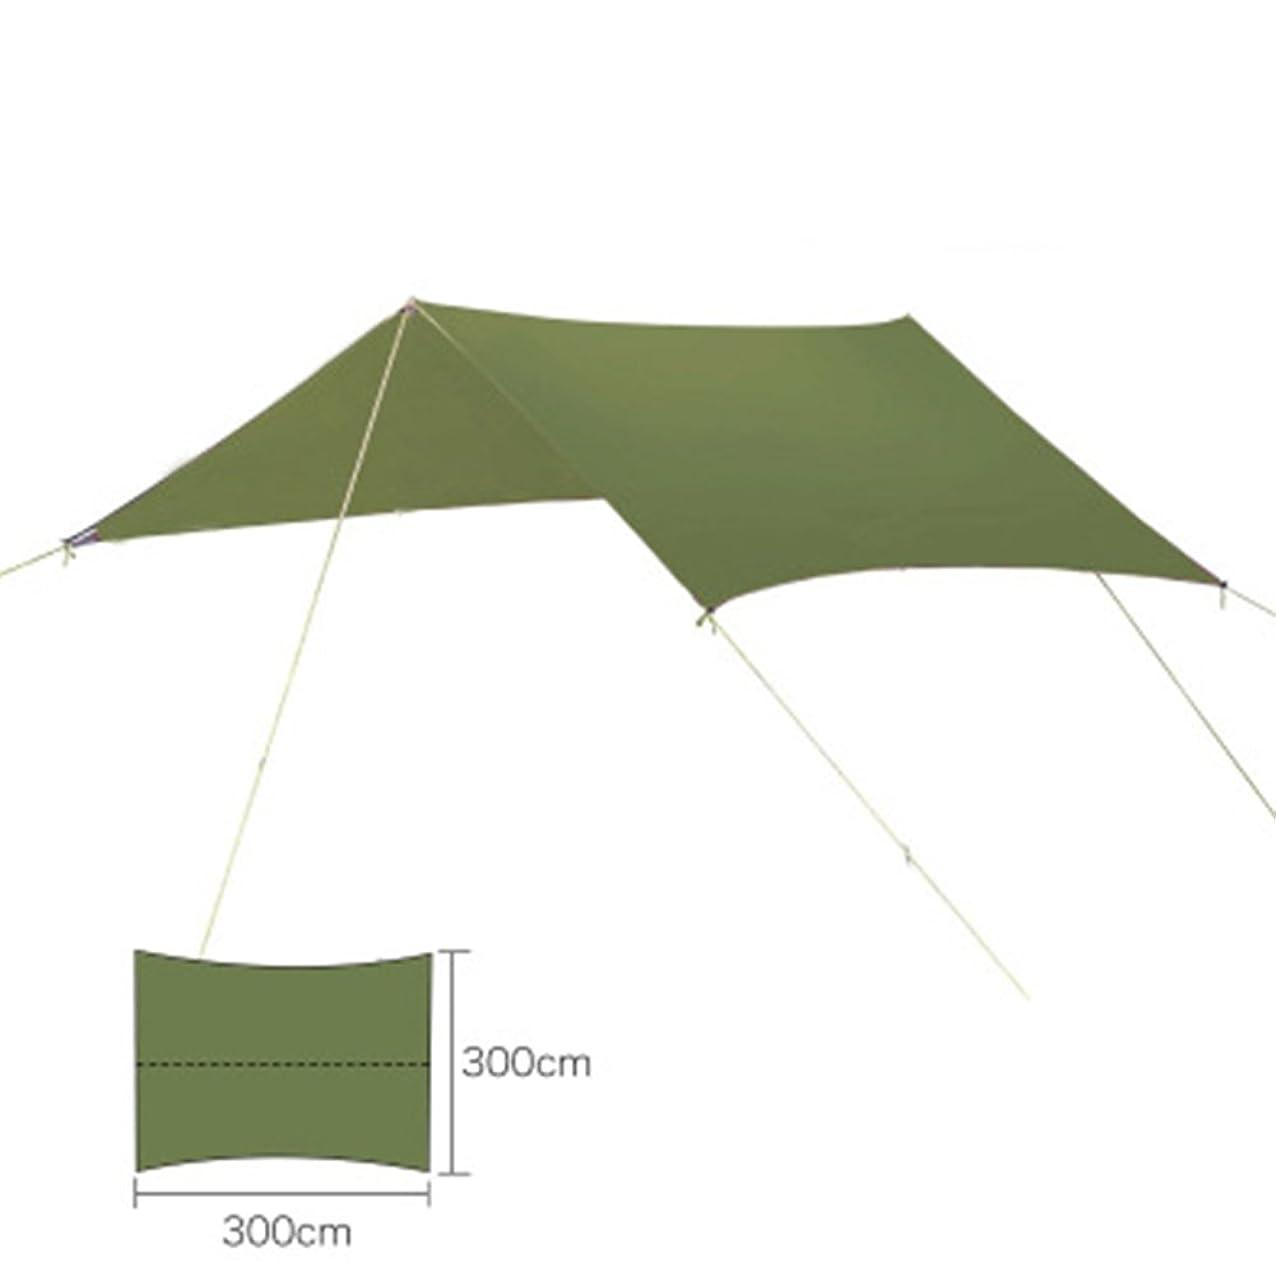 トラフ望み反対キャンプの避難所の防水シートのマットのハンモックカバー、ハンモックのテントのピクニックのための防水反紫外線はえのグランドシート(緑)